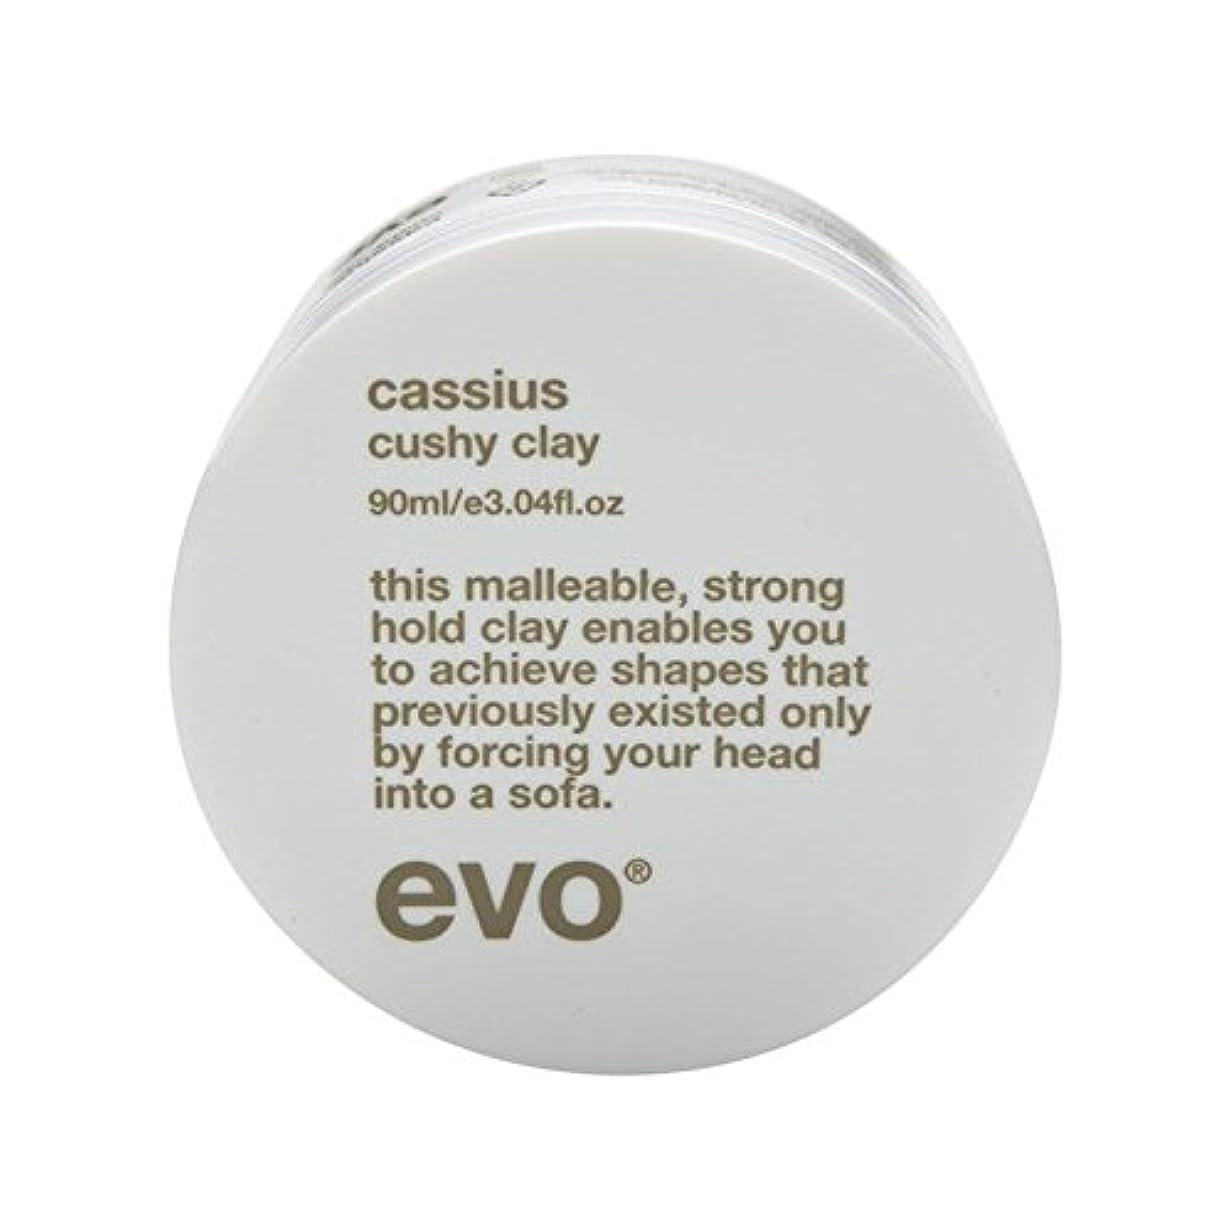 アクセント工場山Evo Cassius Cushy Clay 90G - エボカシウス楽な粘土90グラム [並行輸入品]